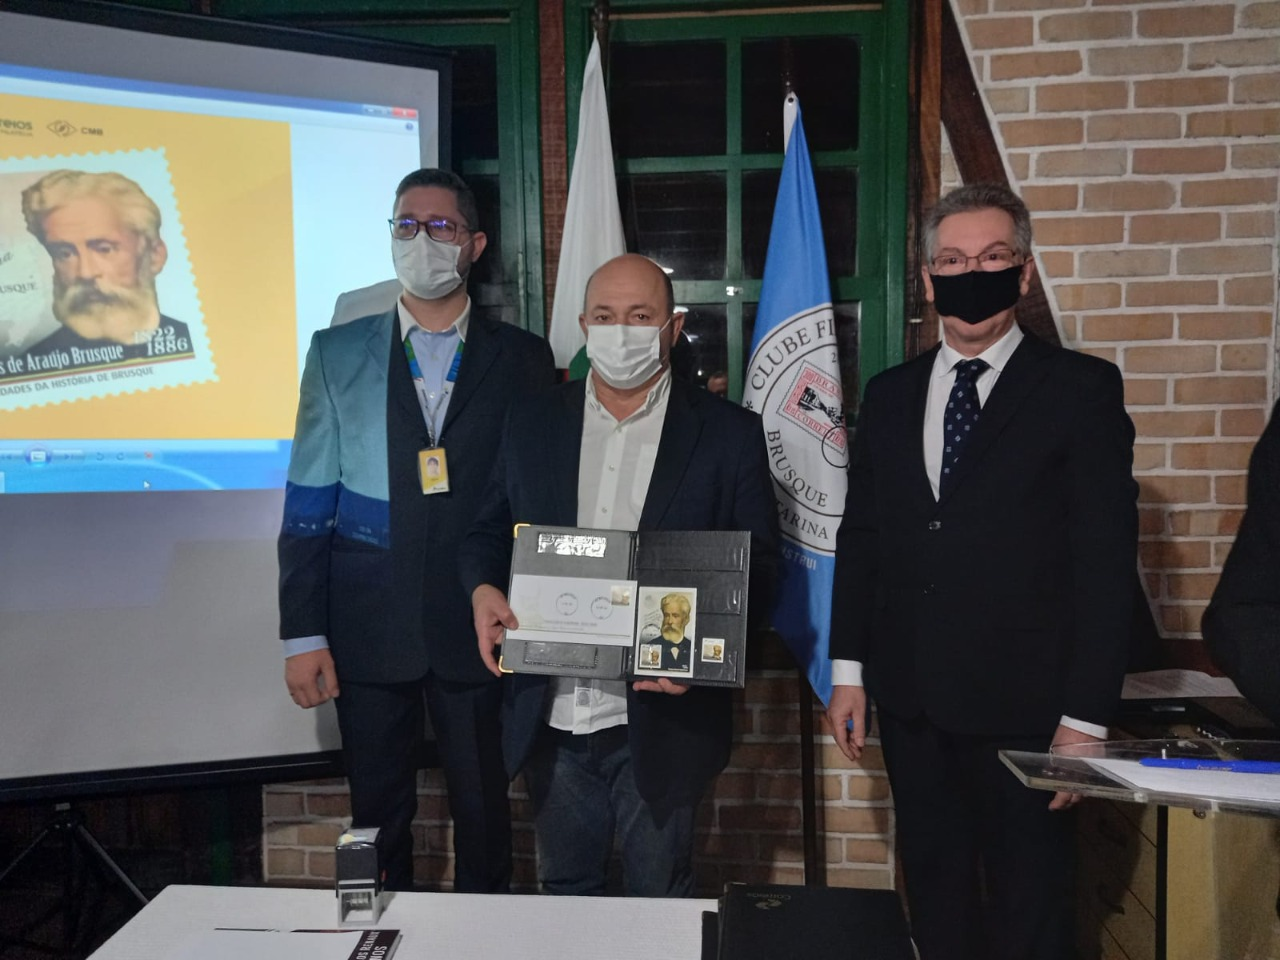 Prefeito Ari Vequi participa de evento que marca um pedaço da história de Brusque